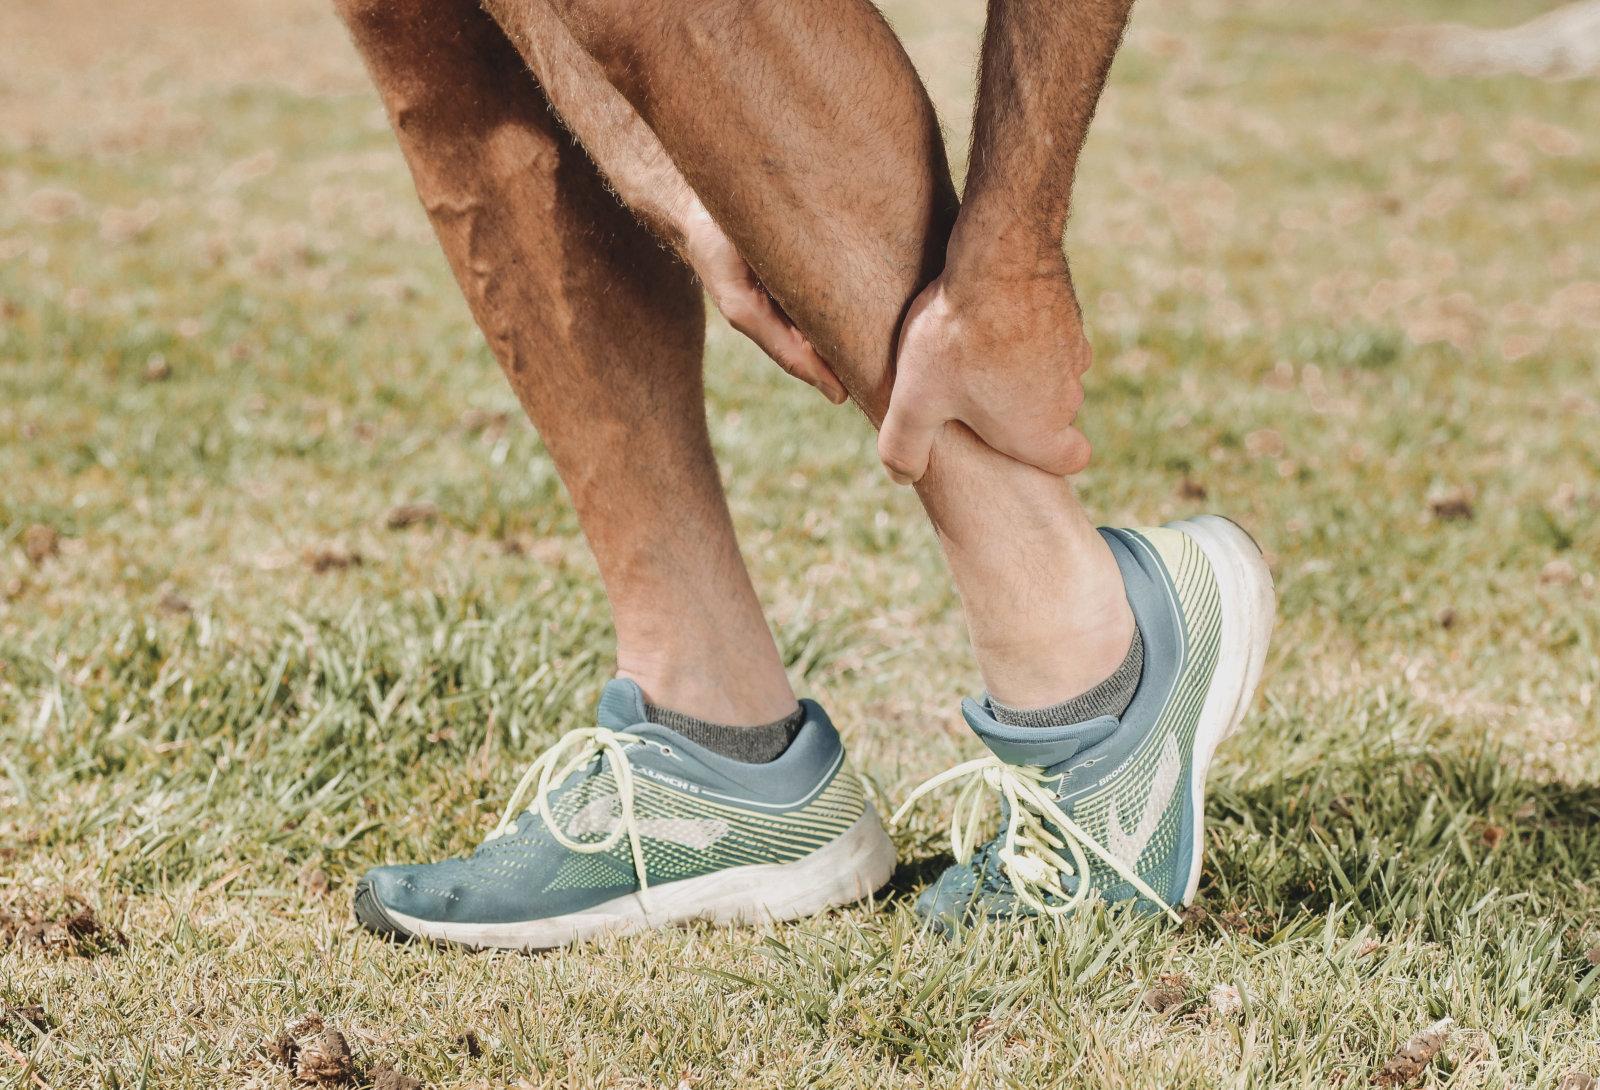 Beim Sport passieren besonders häufig Unfallverletzungen